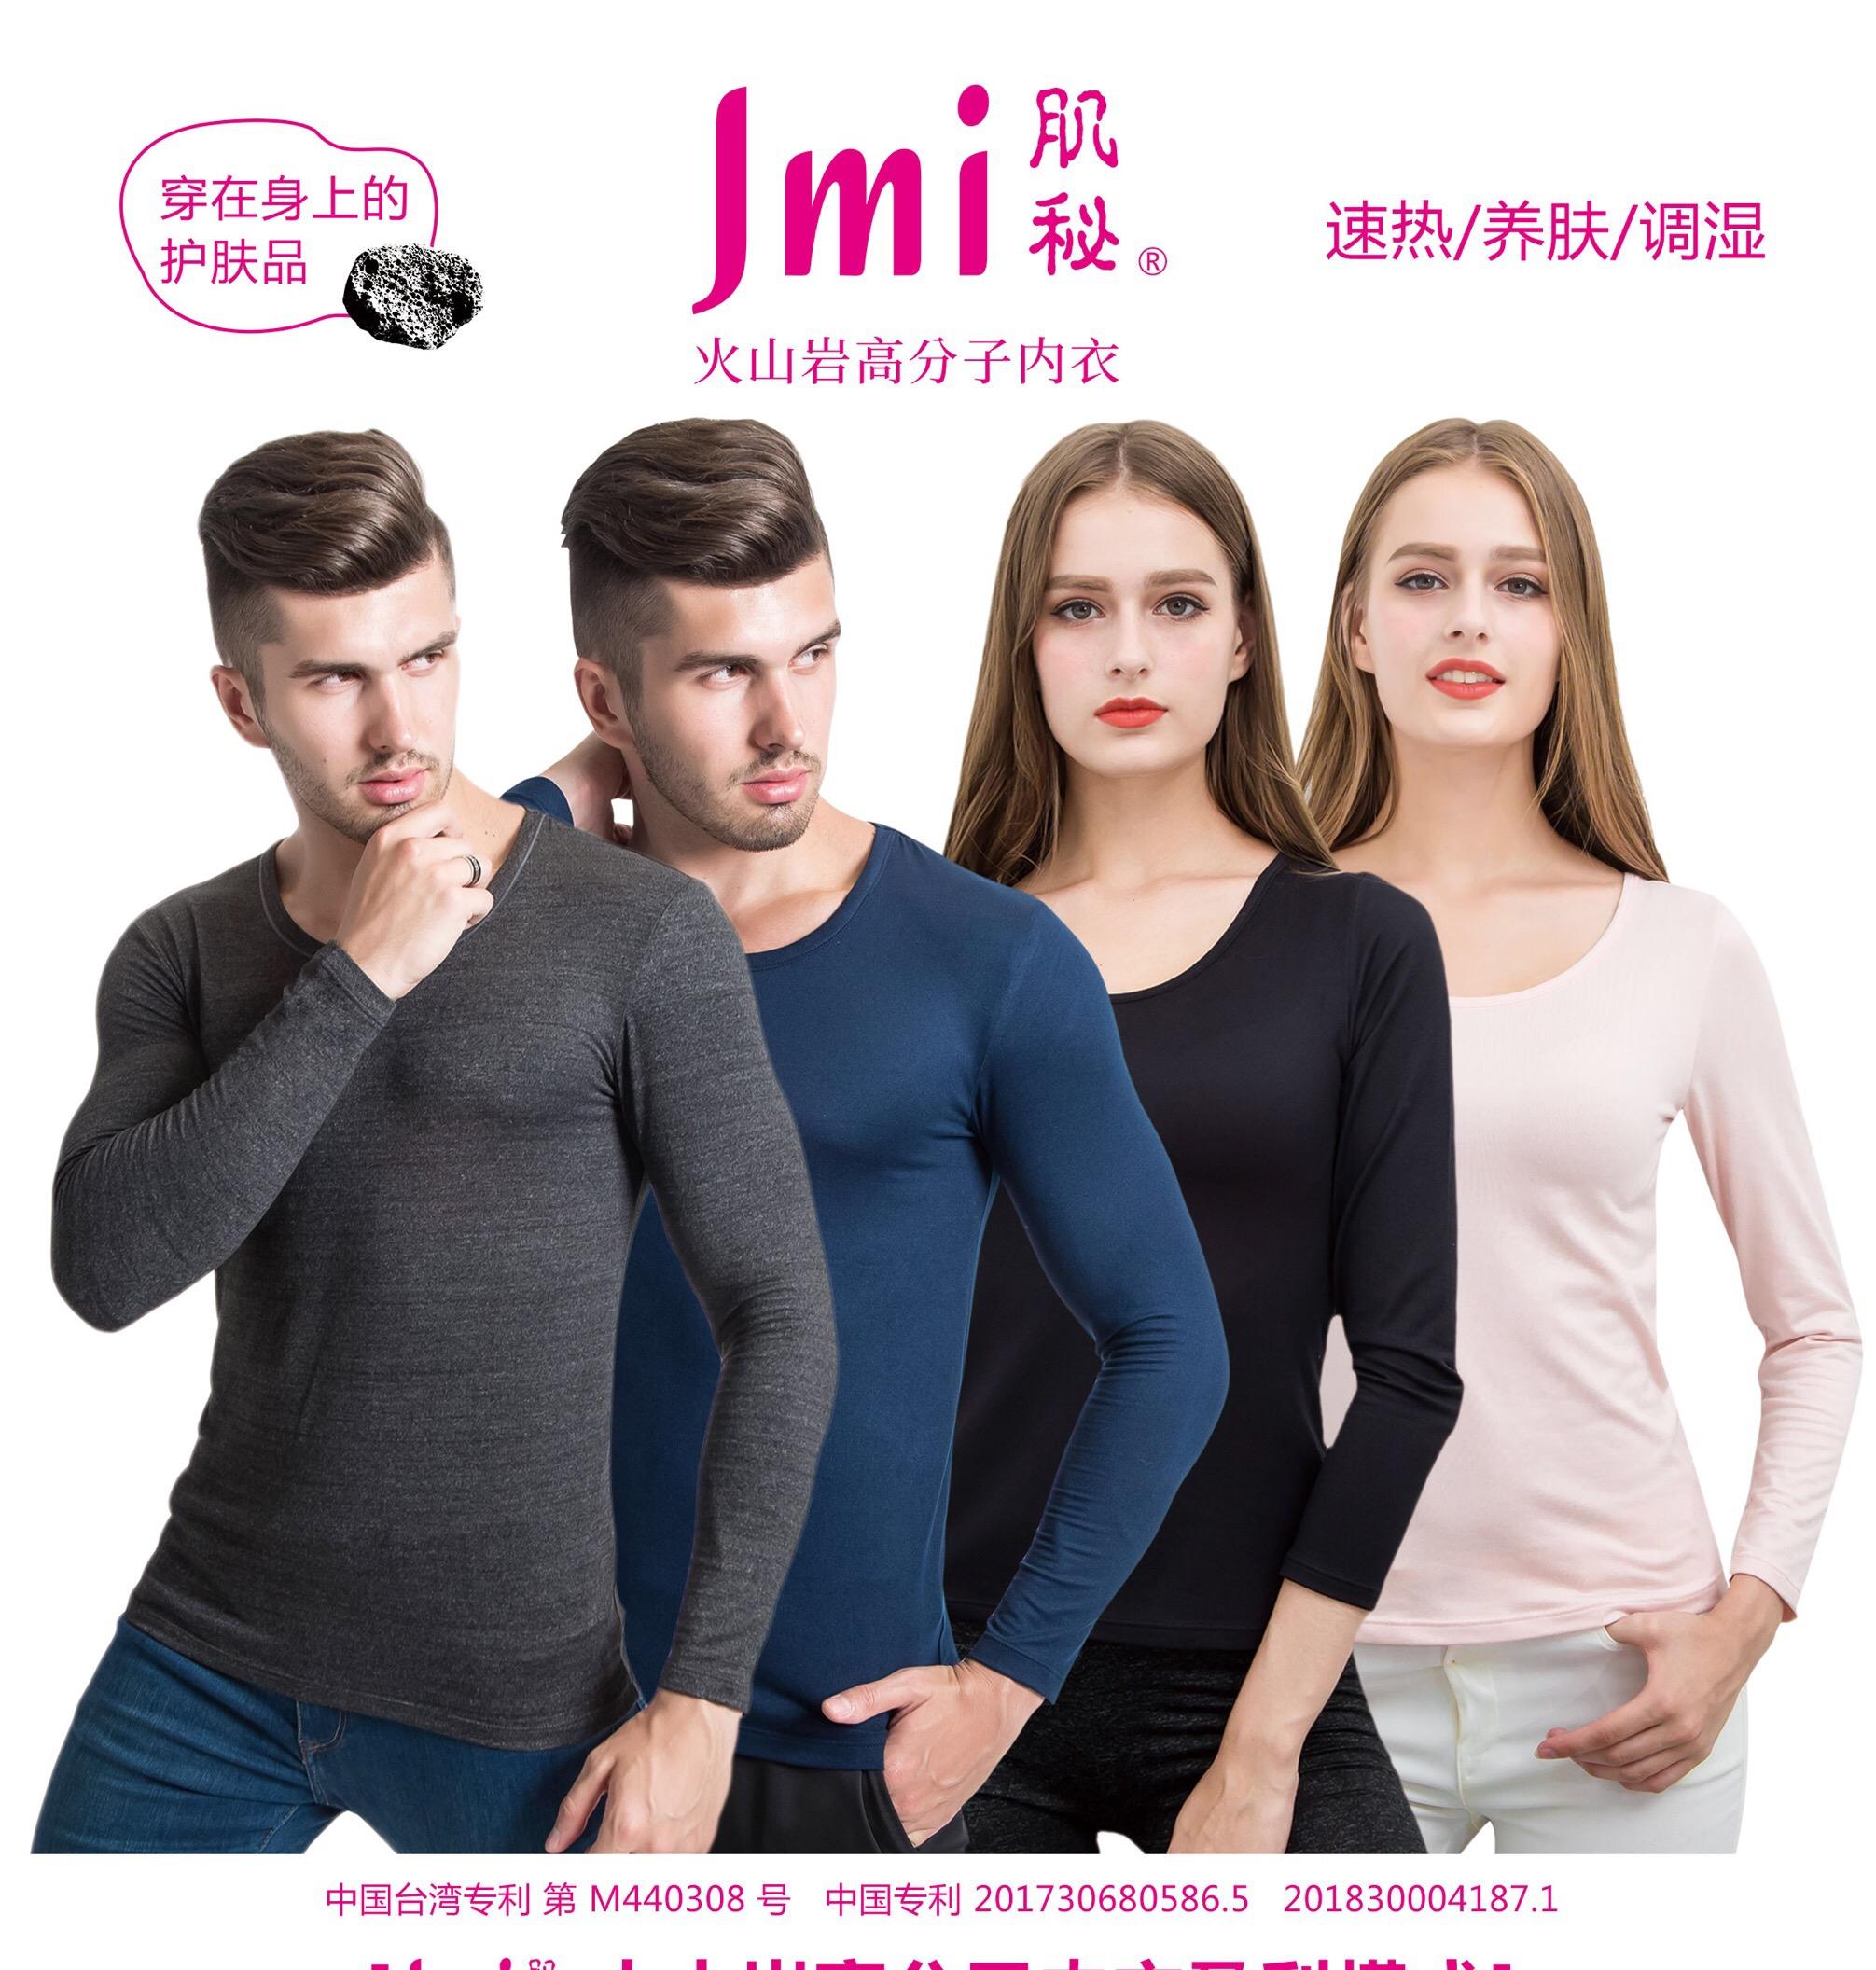 贵州贵阳遵义安顺皮肤干燥的人如何在秋冬季节选择保暖内衣